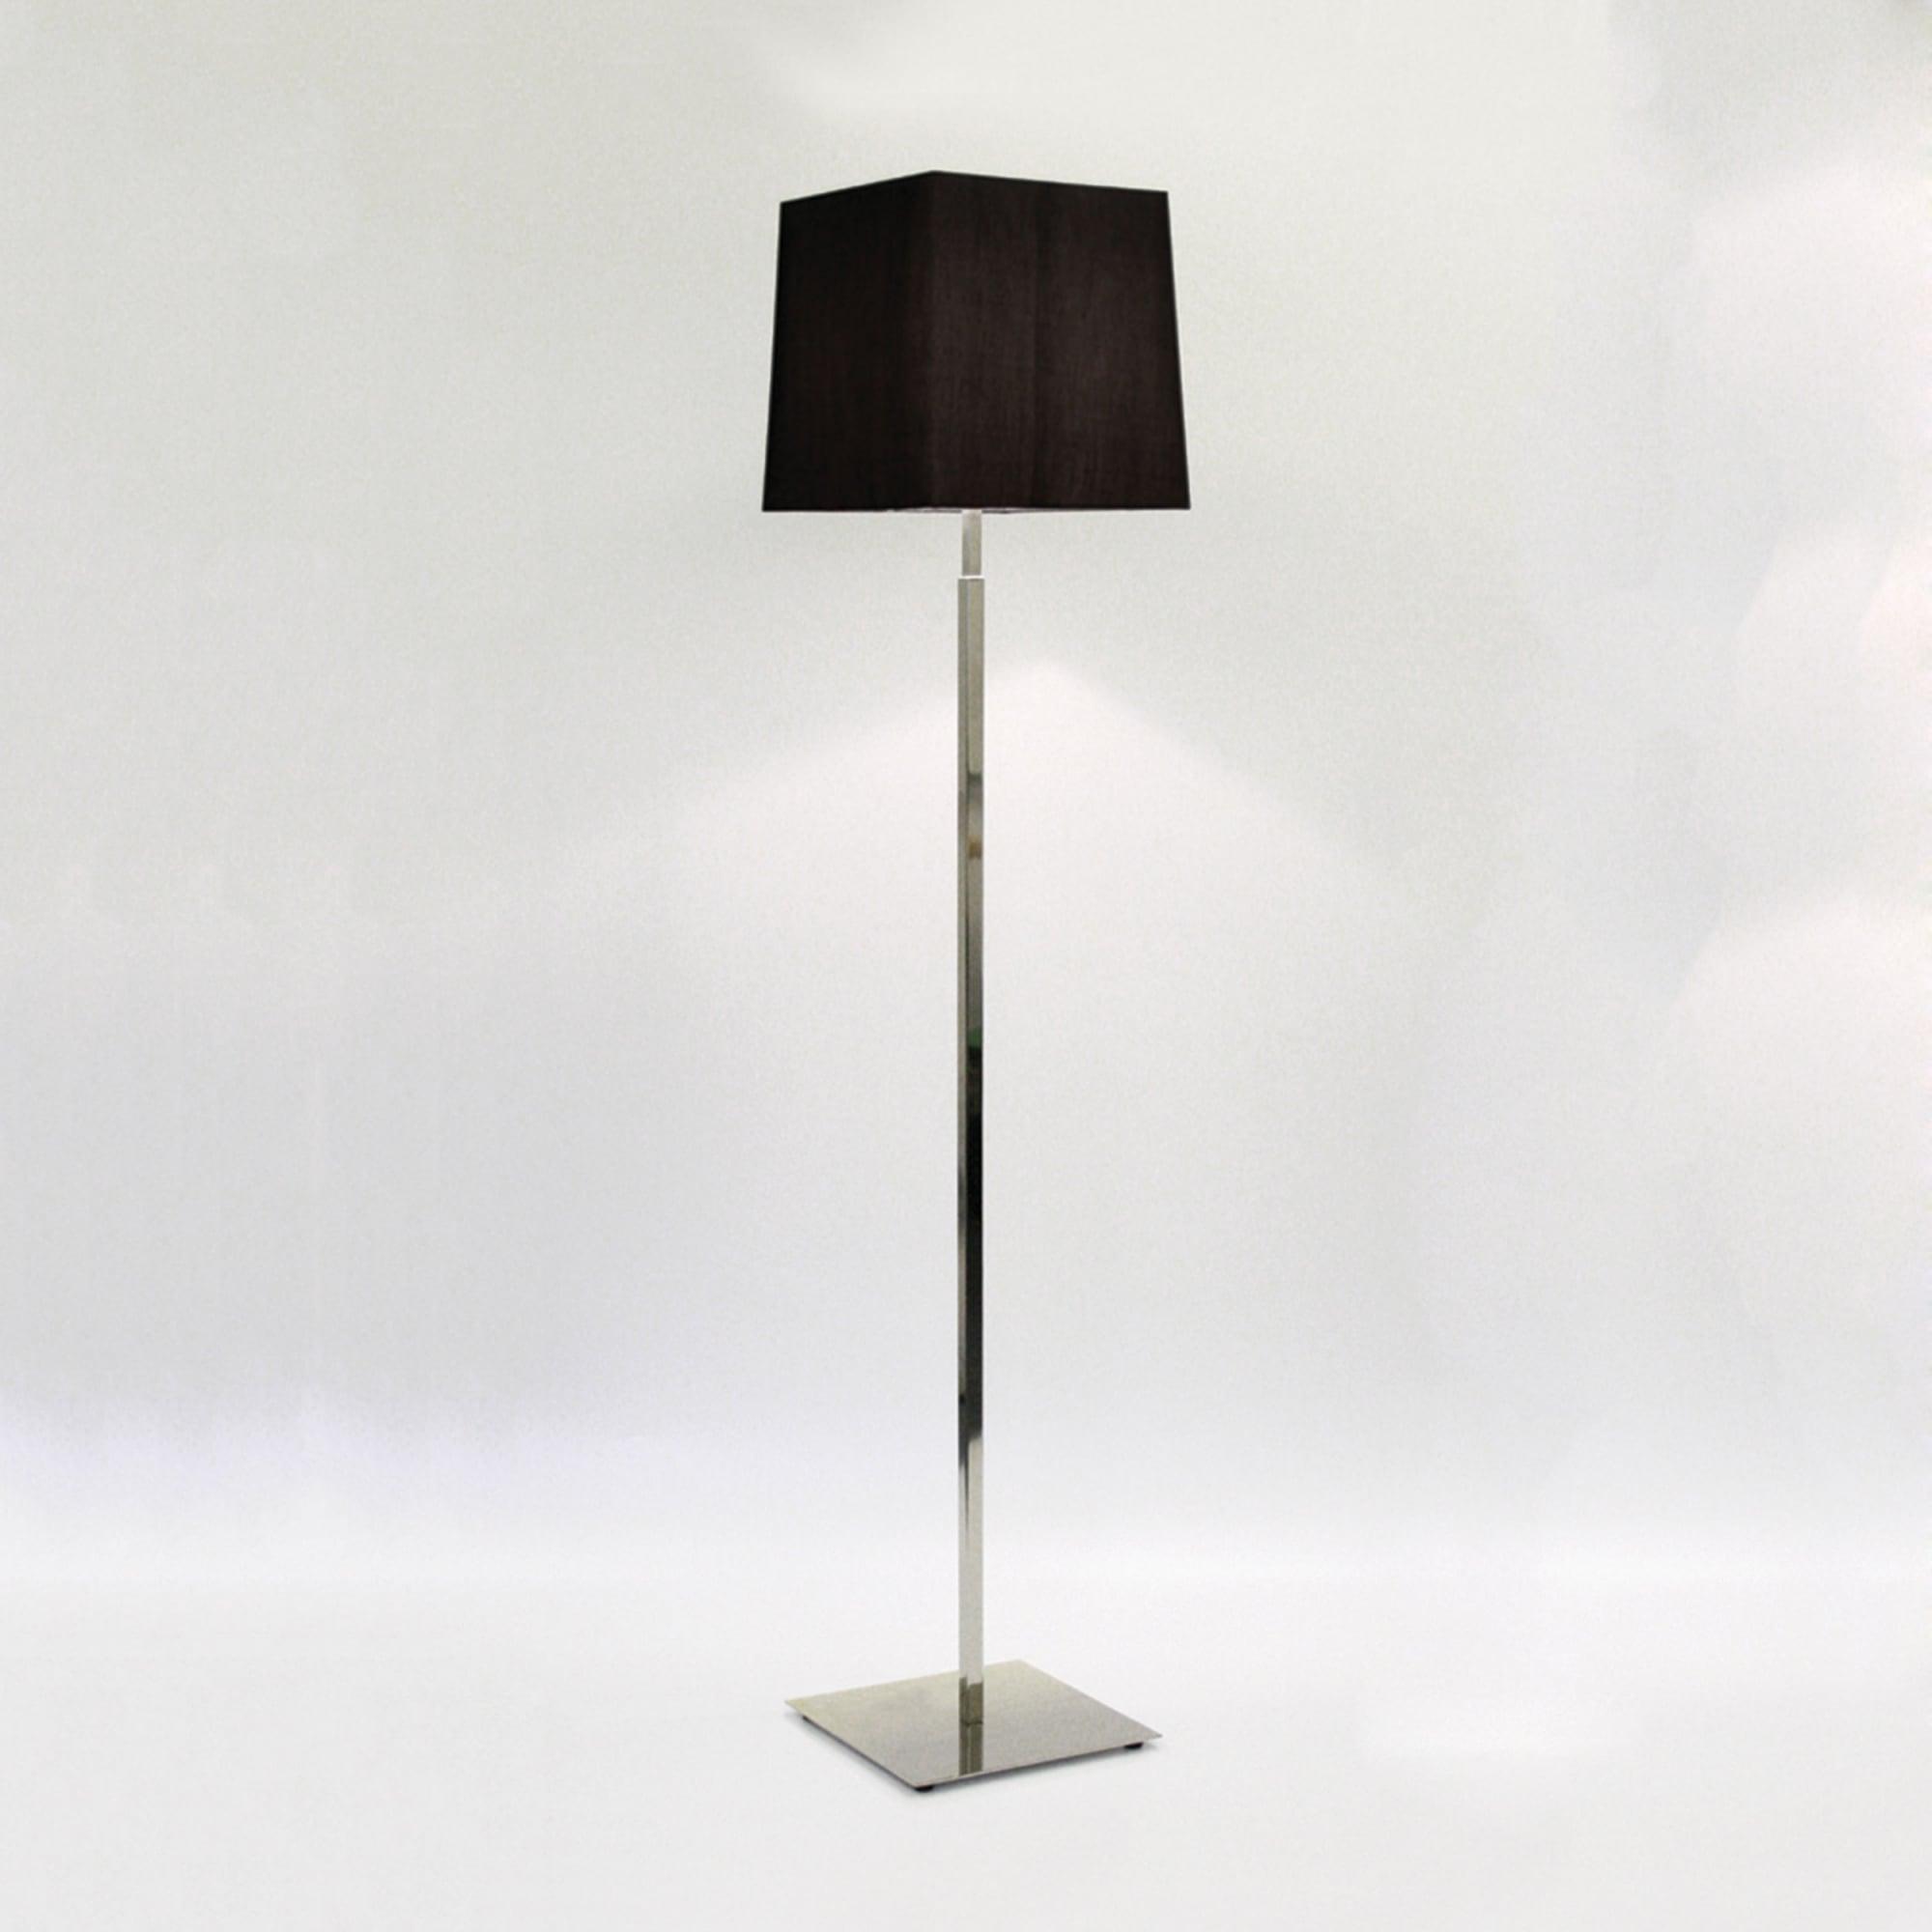 Astro Sku34894i4l Azumi Floor Lamp Polished Nickel Finish Ideas4lighting